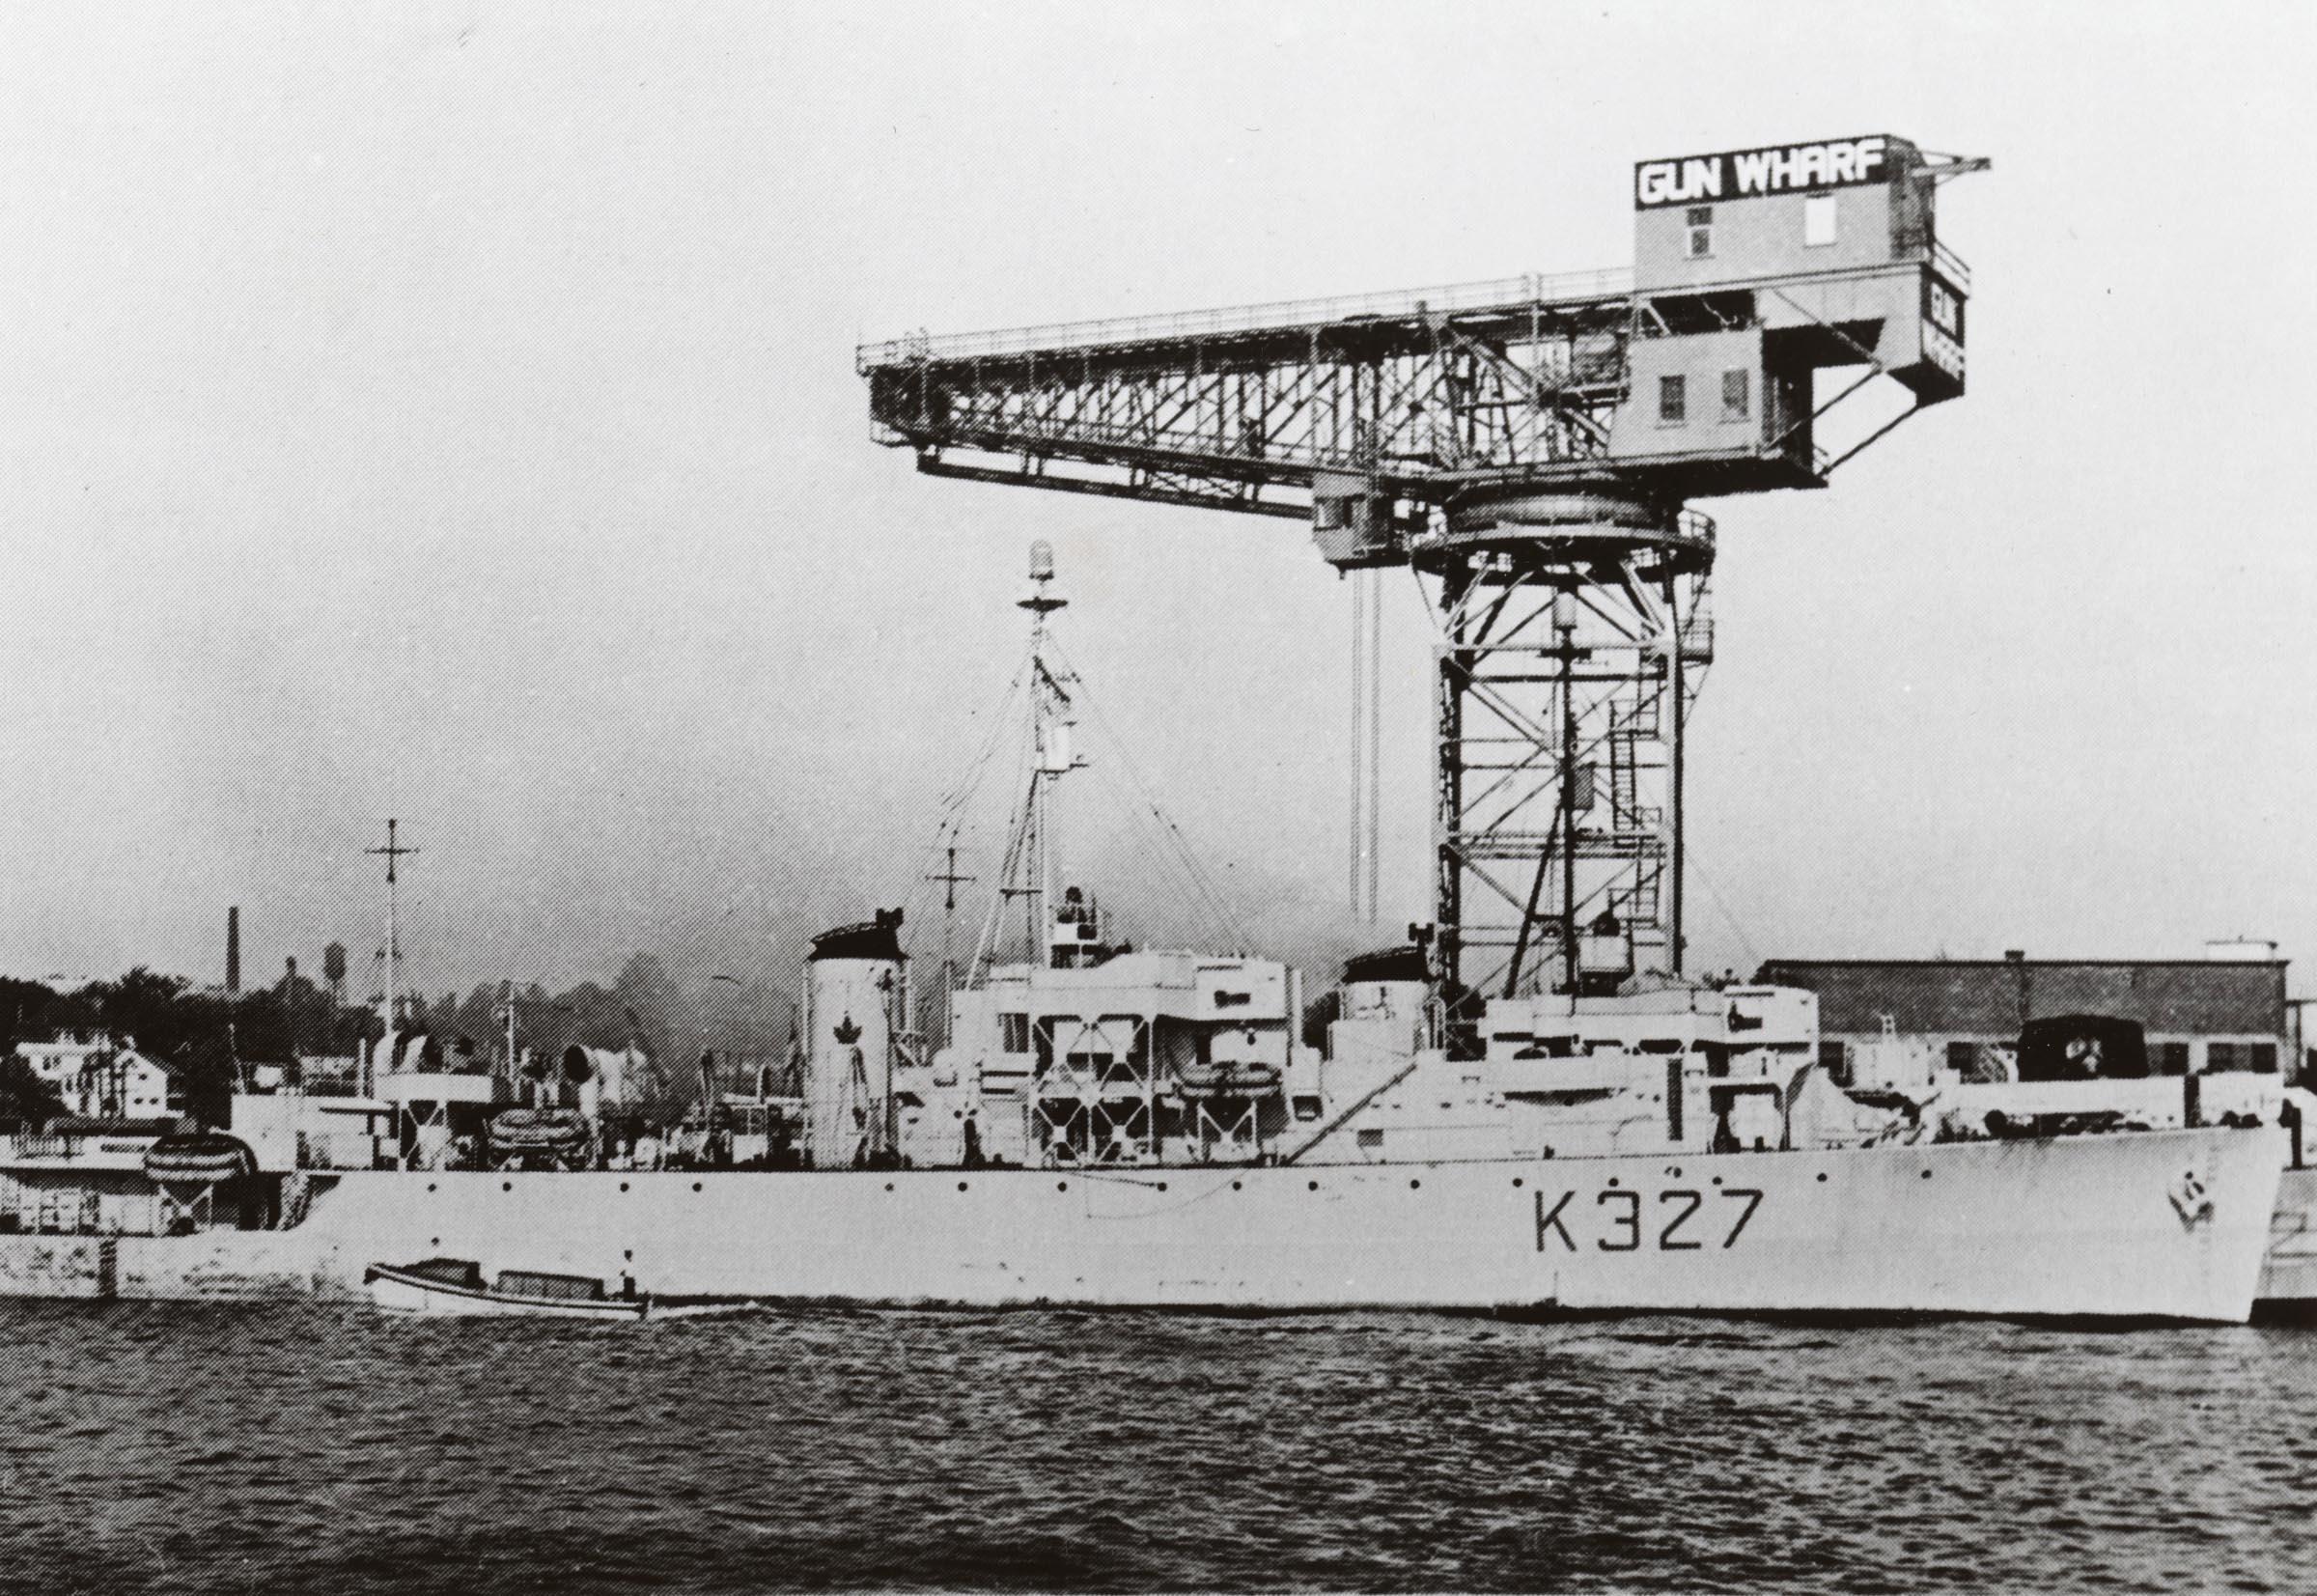 HMCS STORMONT